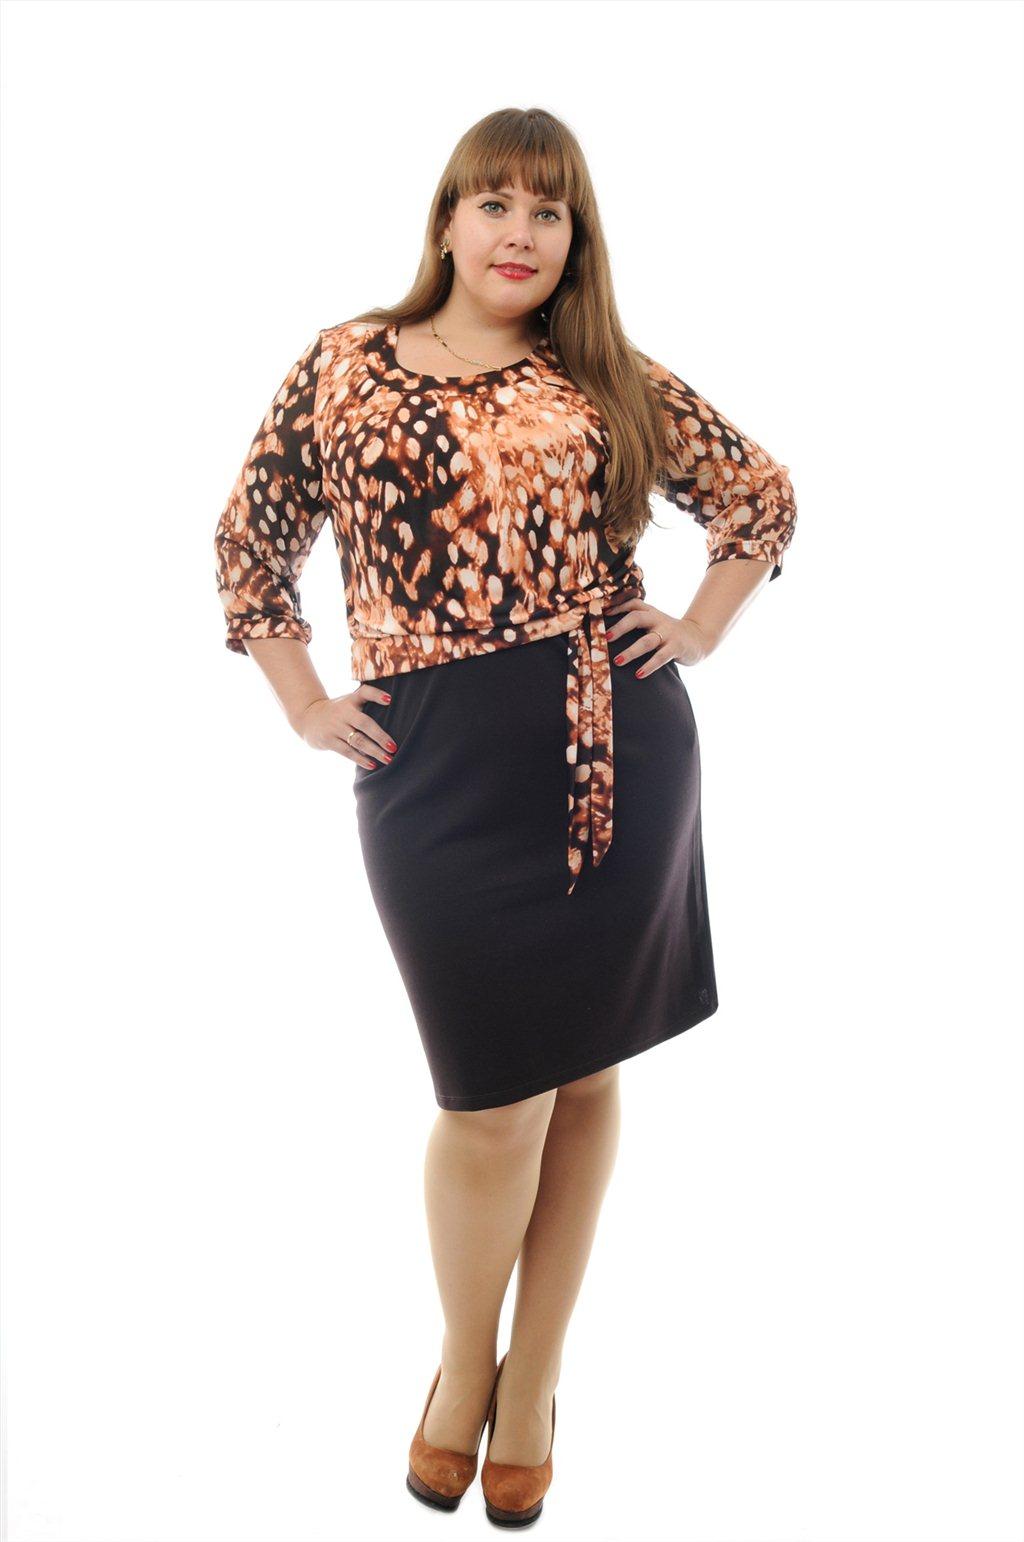 ab4f769397c5b07 ... Смотреть фото Продам оптом красивые женские платья 34231833 в  Йошкар-Оле ...